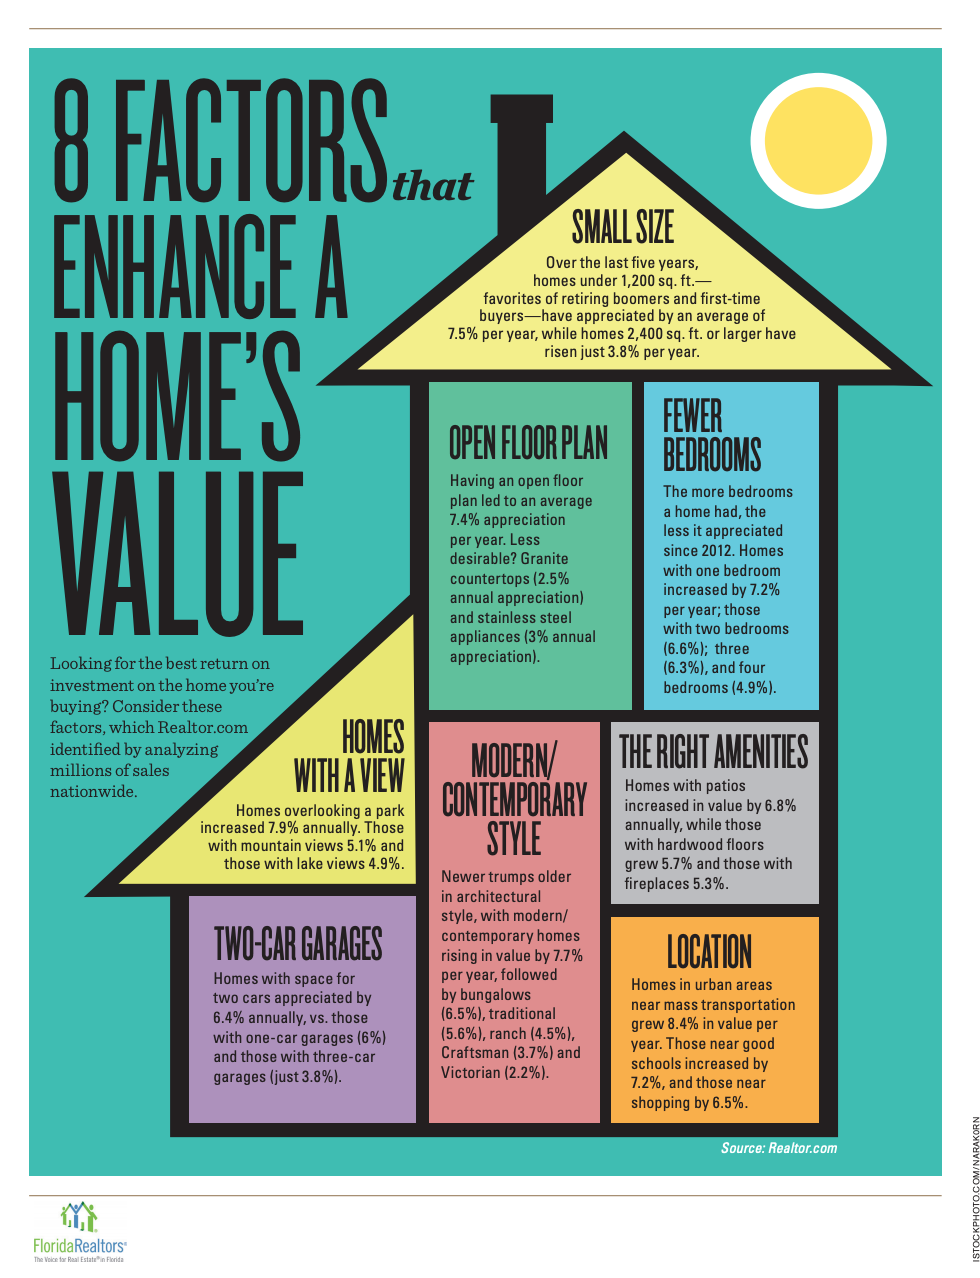 8 Factors That Enhance A Home's Value